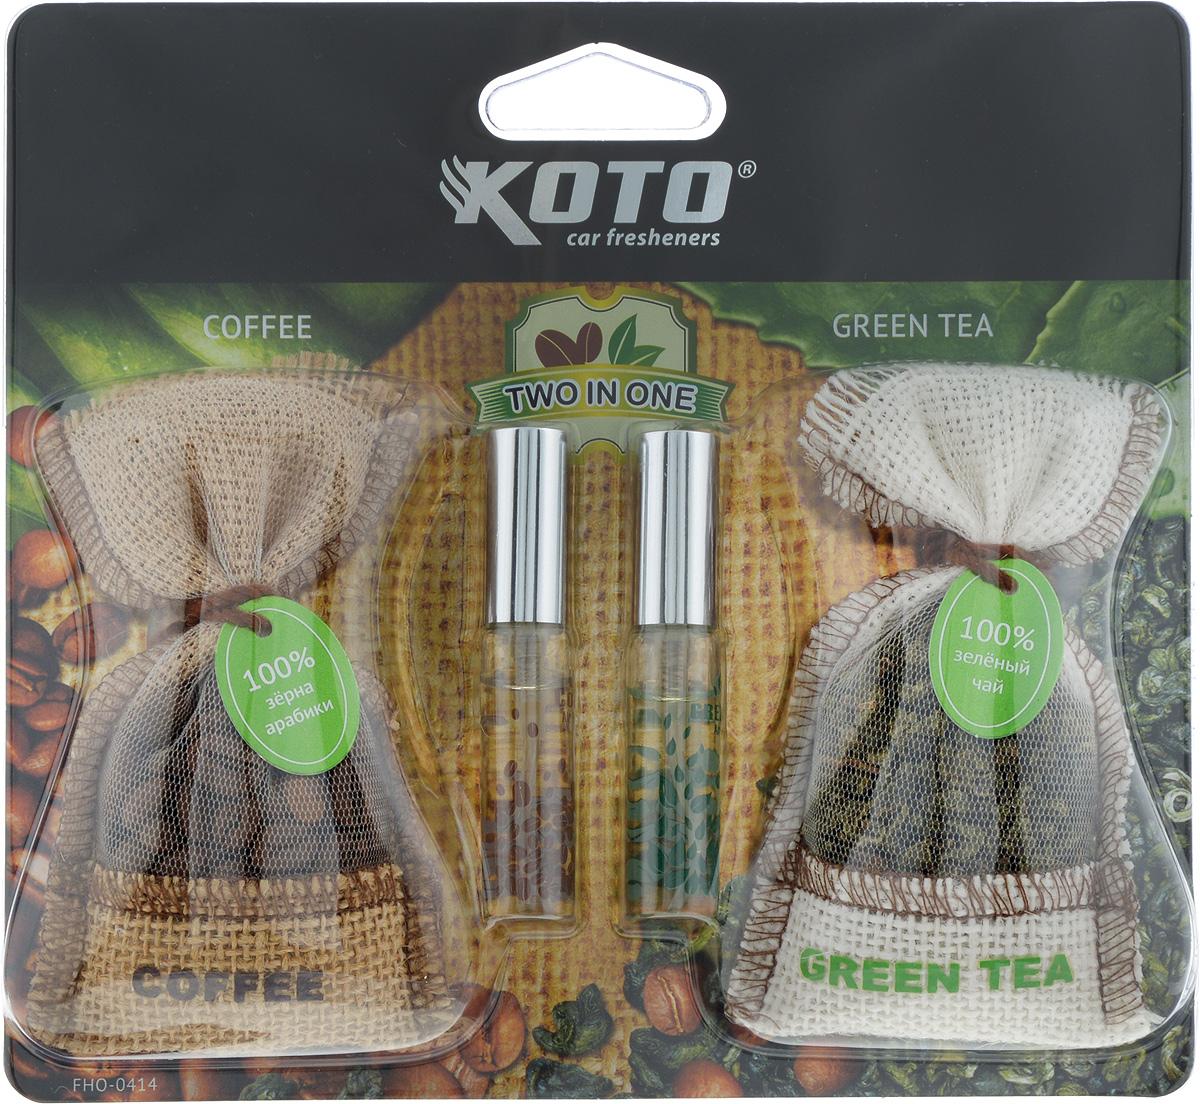 Набор автомобильных ароматизаторов Koto Кофе и зеленый чай, 2 штFHO-0414Набор автомобильных ароматизаторов Koto Кофе и зеленый чай эффективно устраняет неприятные запахи и придает легкий приятный аромат. Он состоит из двух мешочков и двух флаконов. Благодаря присоске, мешочки легко размещаются в автомобиле на зеркале заднего вида или на любой гладкой поверхности. Состав набора: мешок с зернами кофе, мешок с листьями зеленого чая, жидкостный ароматизатор с ароматом кофе, жидкостный ароматизатор с ароматом зеленого чая. Вес одного мешочка: 20 г. Объем одного жидкостного ароматизатора: 9 мл.